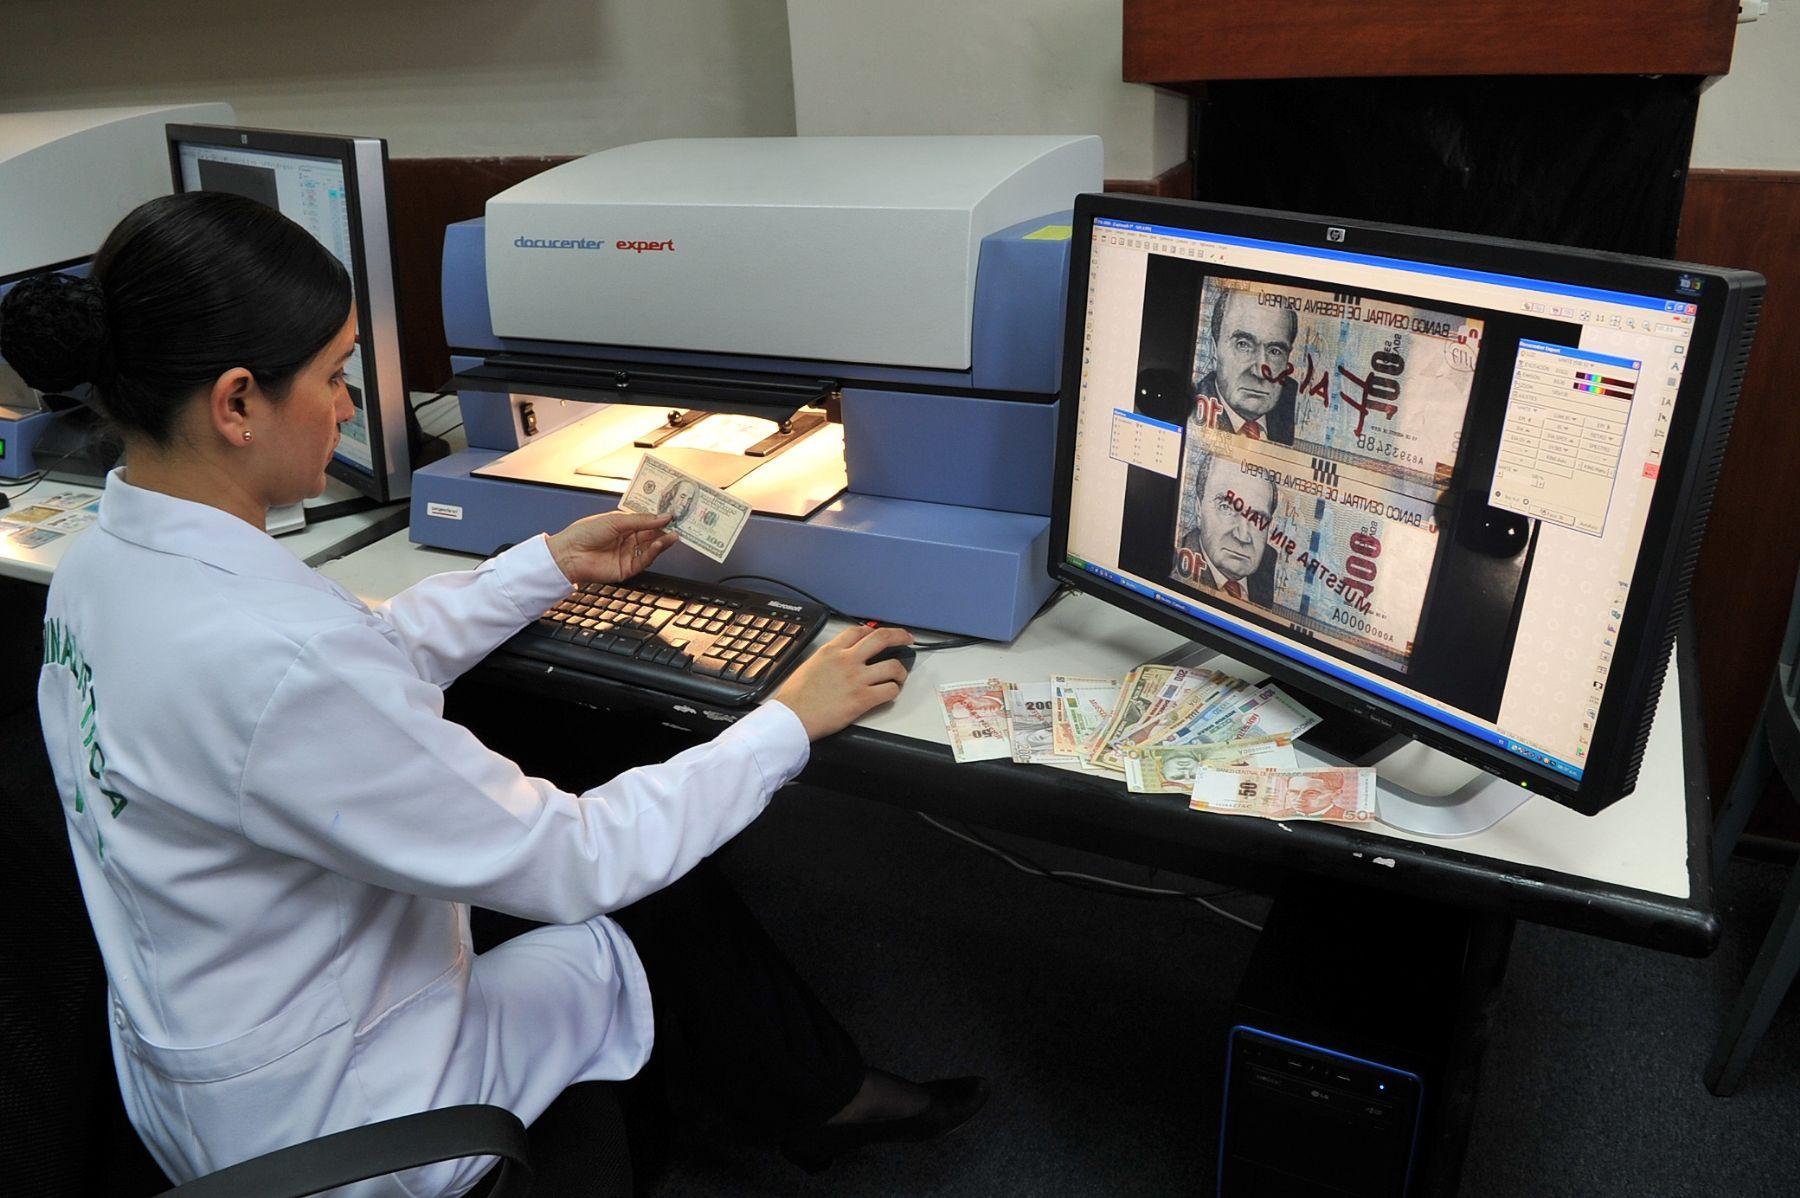 Pnp adquiere dos modernos equipos para detectar documentos for Ministerio del interior empleo